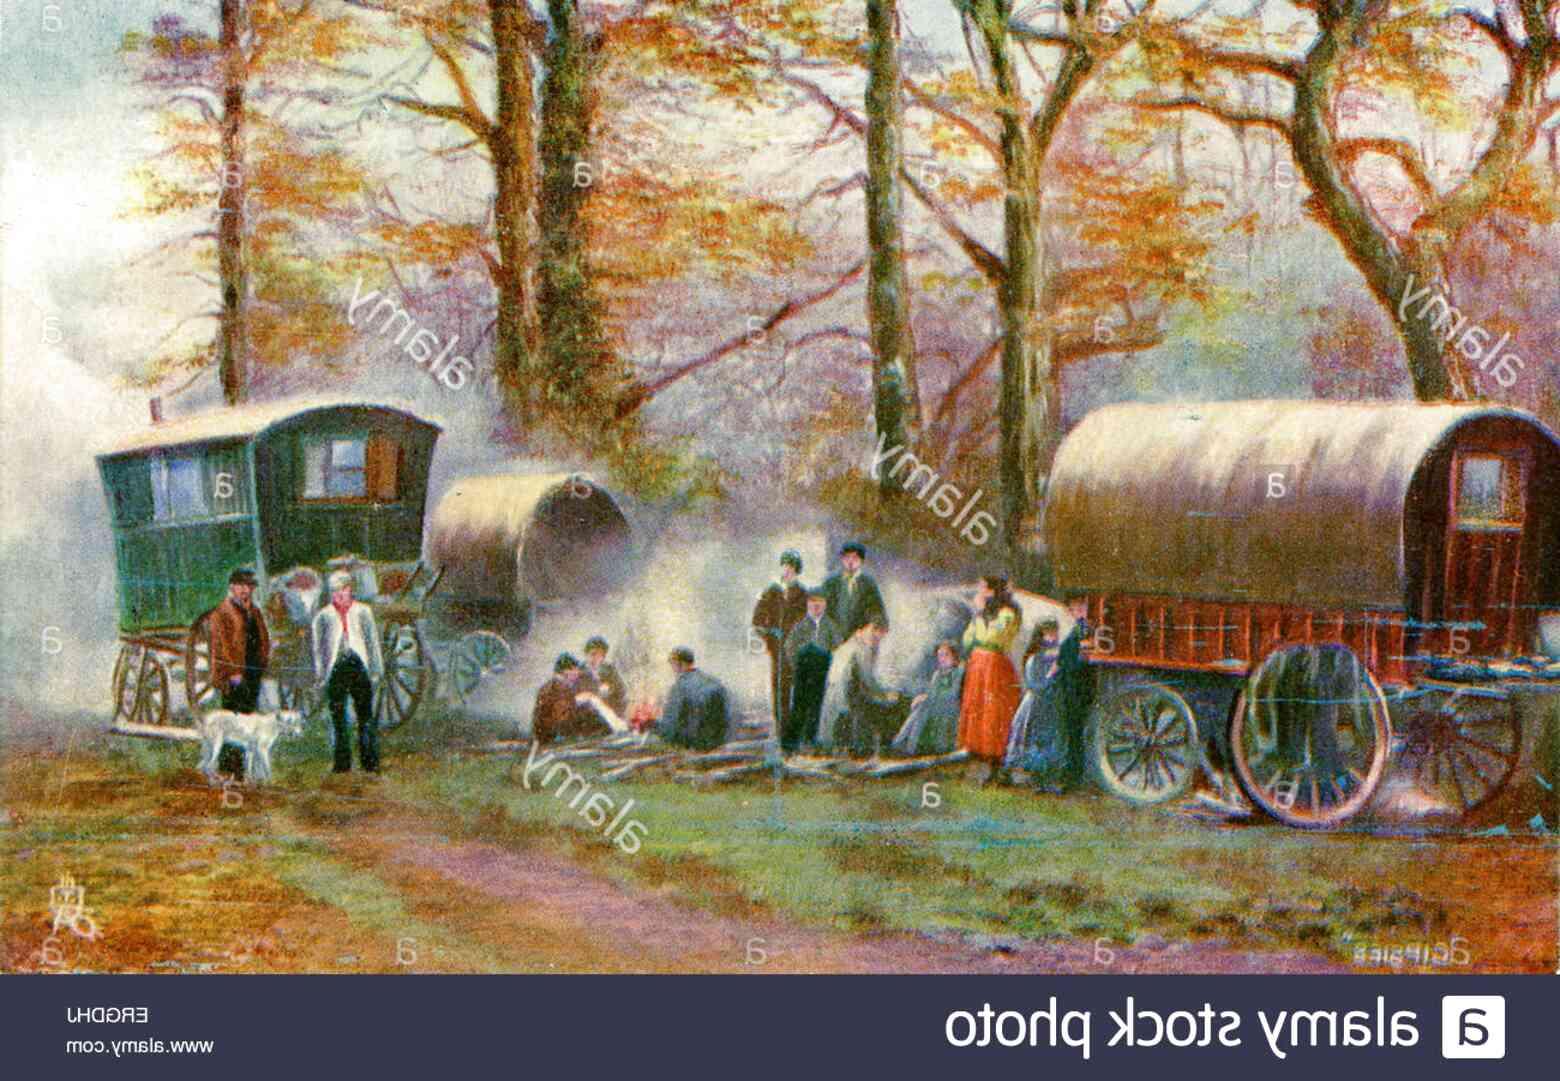 gypsy encampment for sale